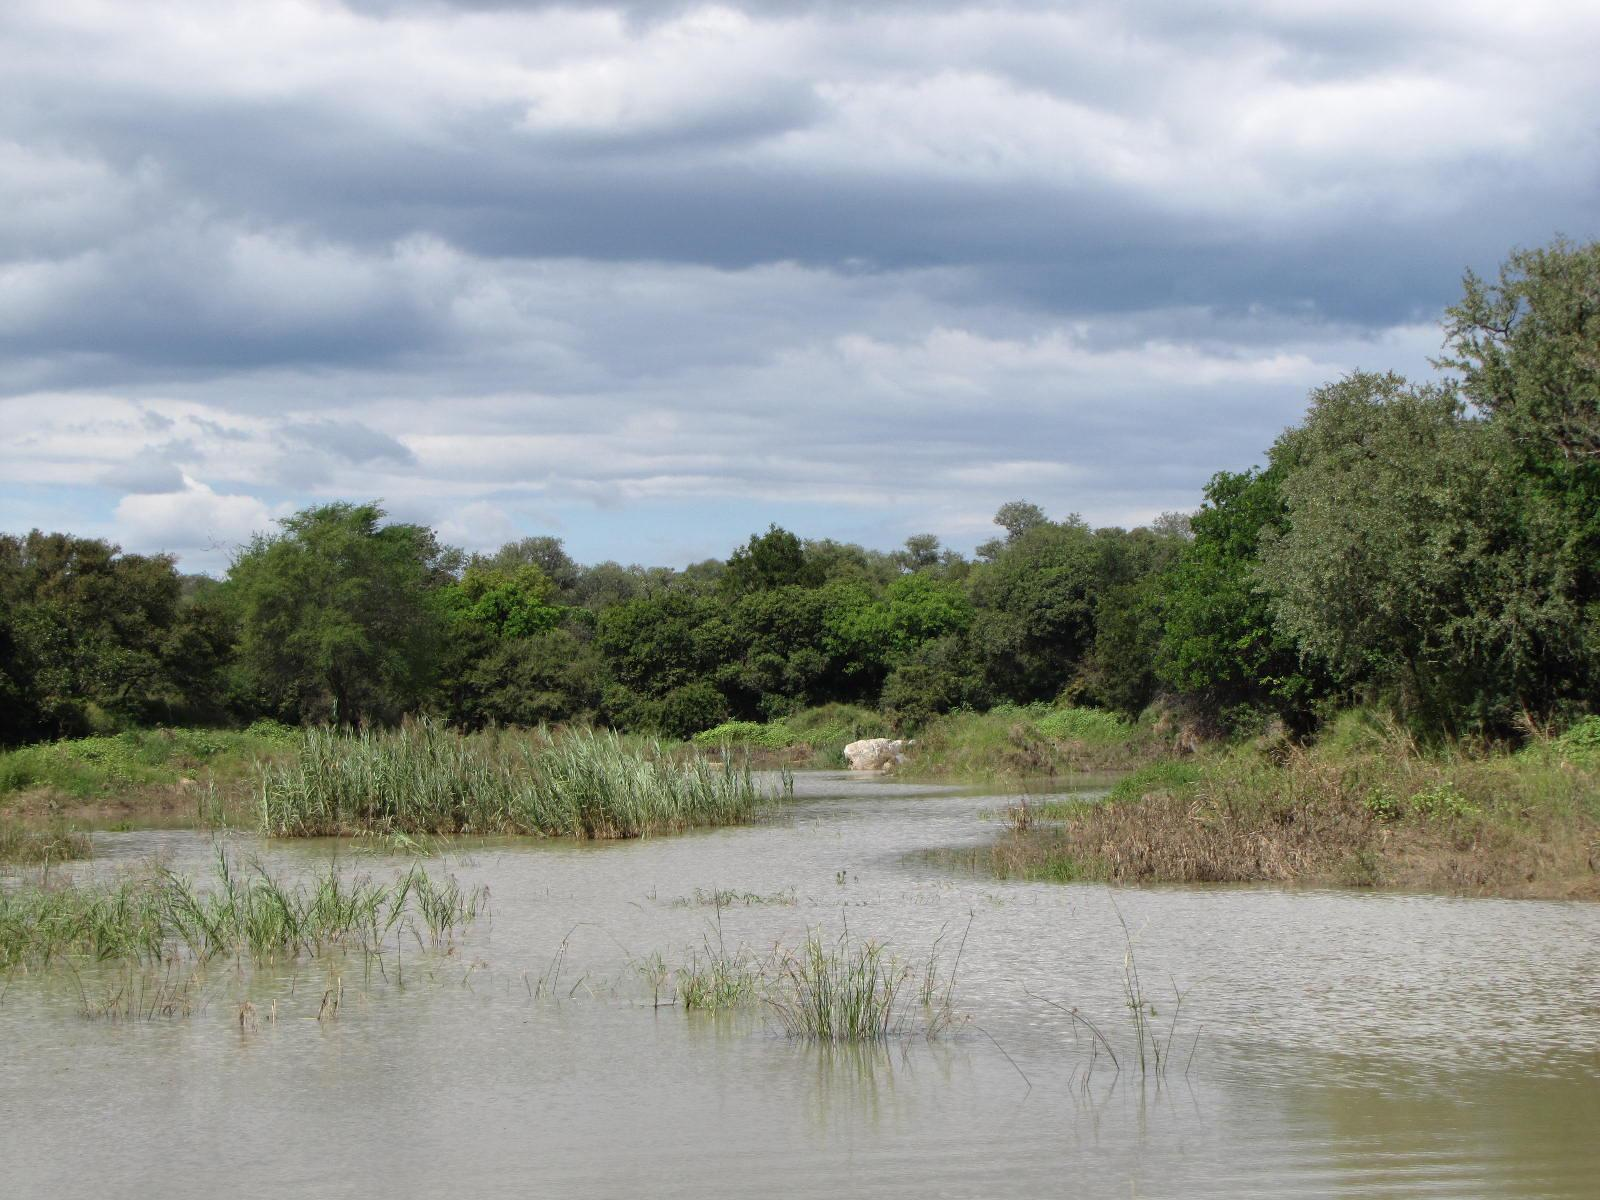 Zandspruit Bush And Aero Estate property for sale. Ref No: 12795962. Picture no 10